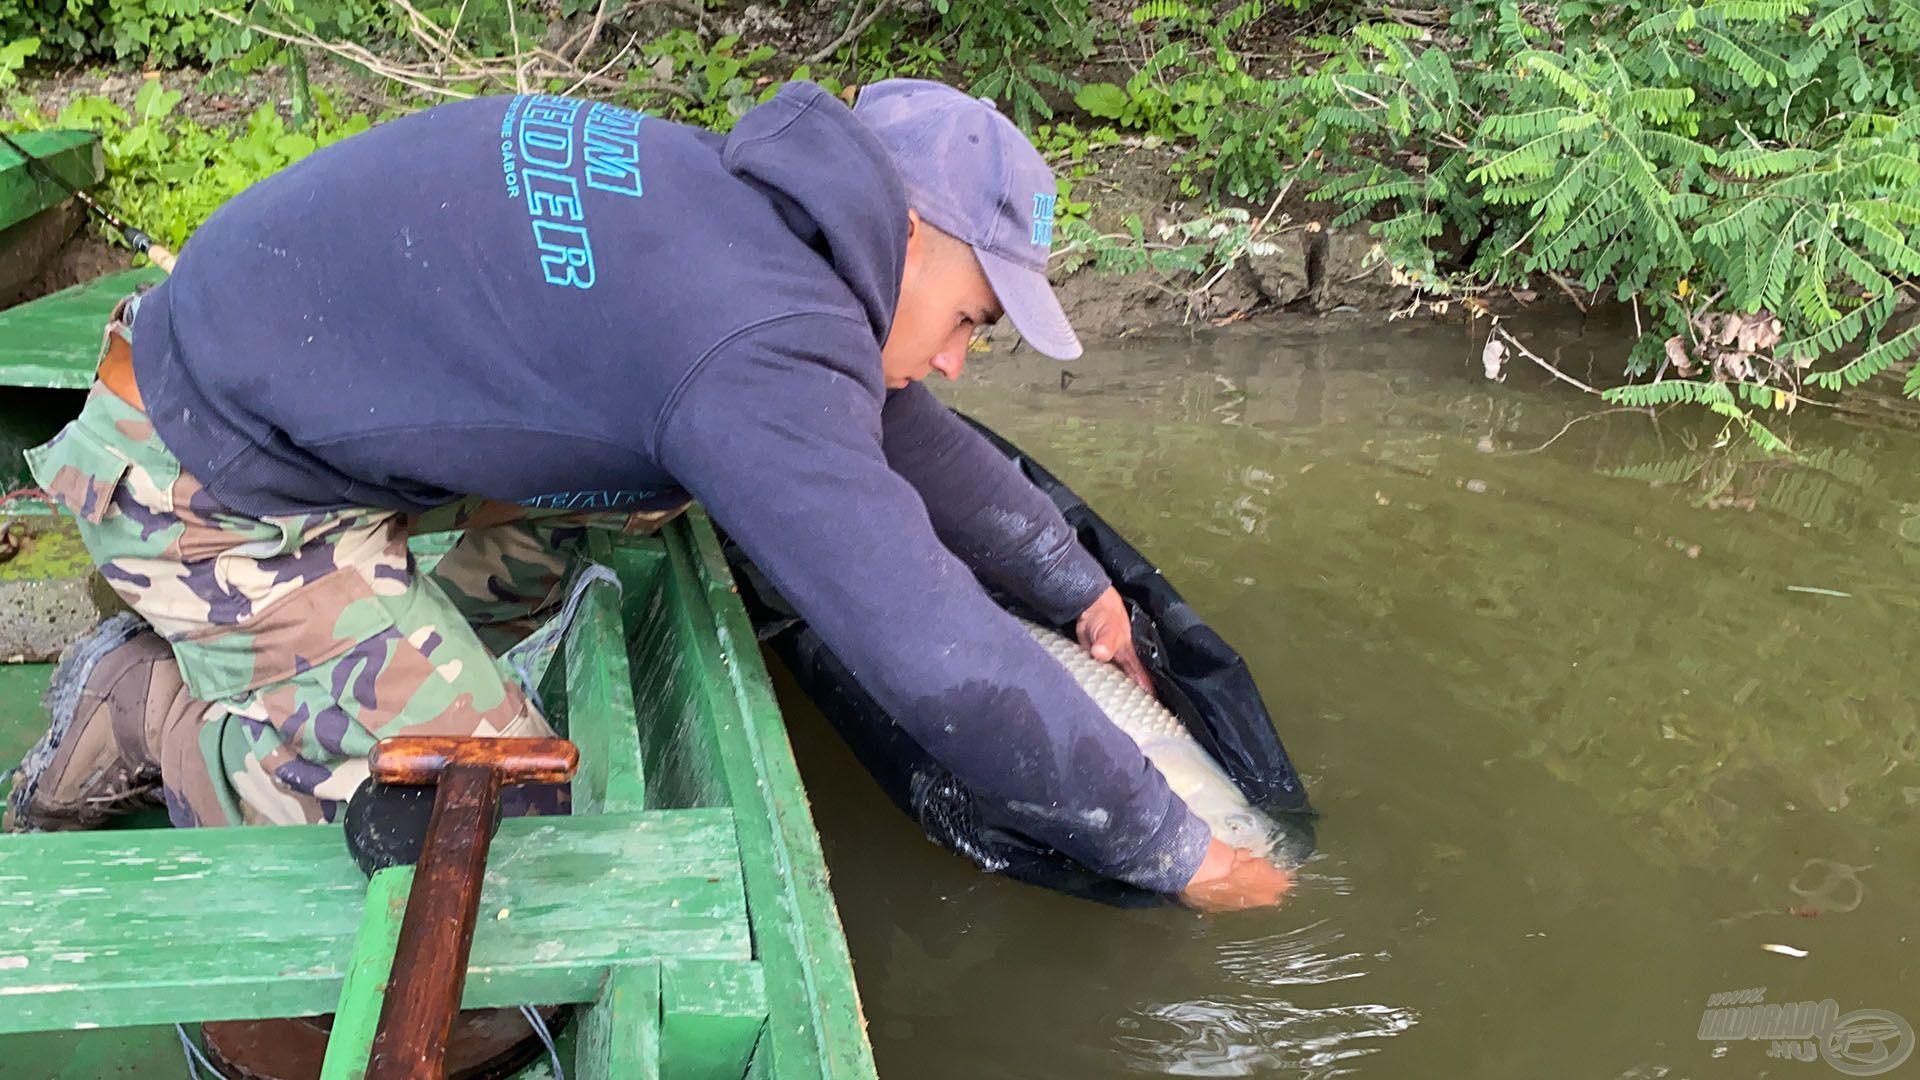 Nagyon vigyáztunk MINDEN kifogott halra és a lehető legkíméletesebben bántunk velük